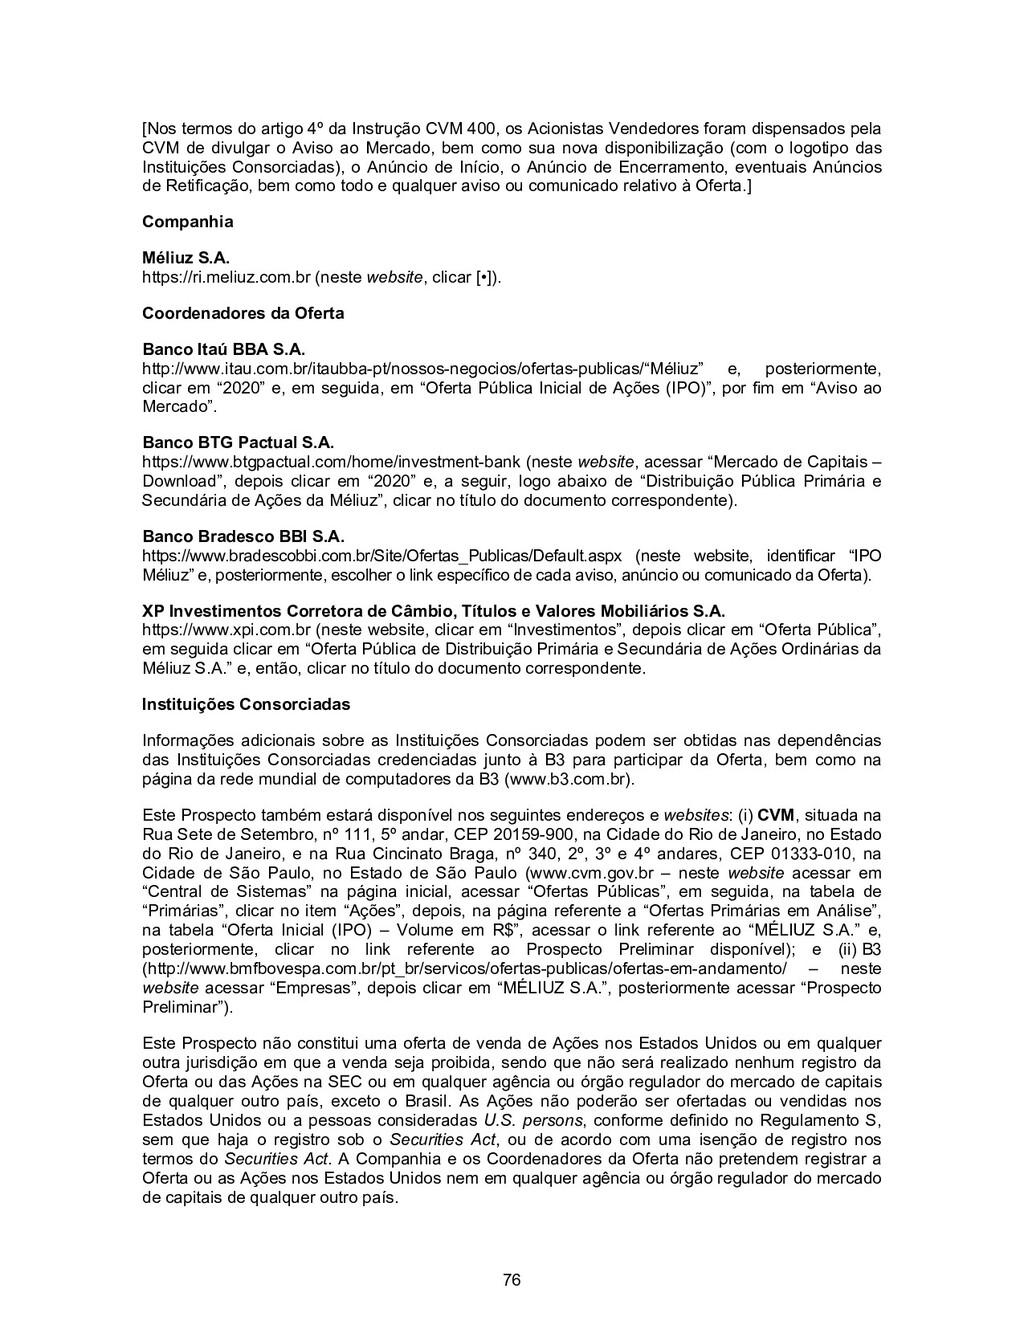 76 [Nos termos do artigo 4º da Instrução CVM 40...